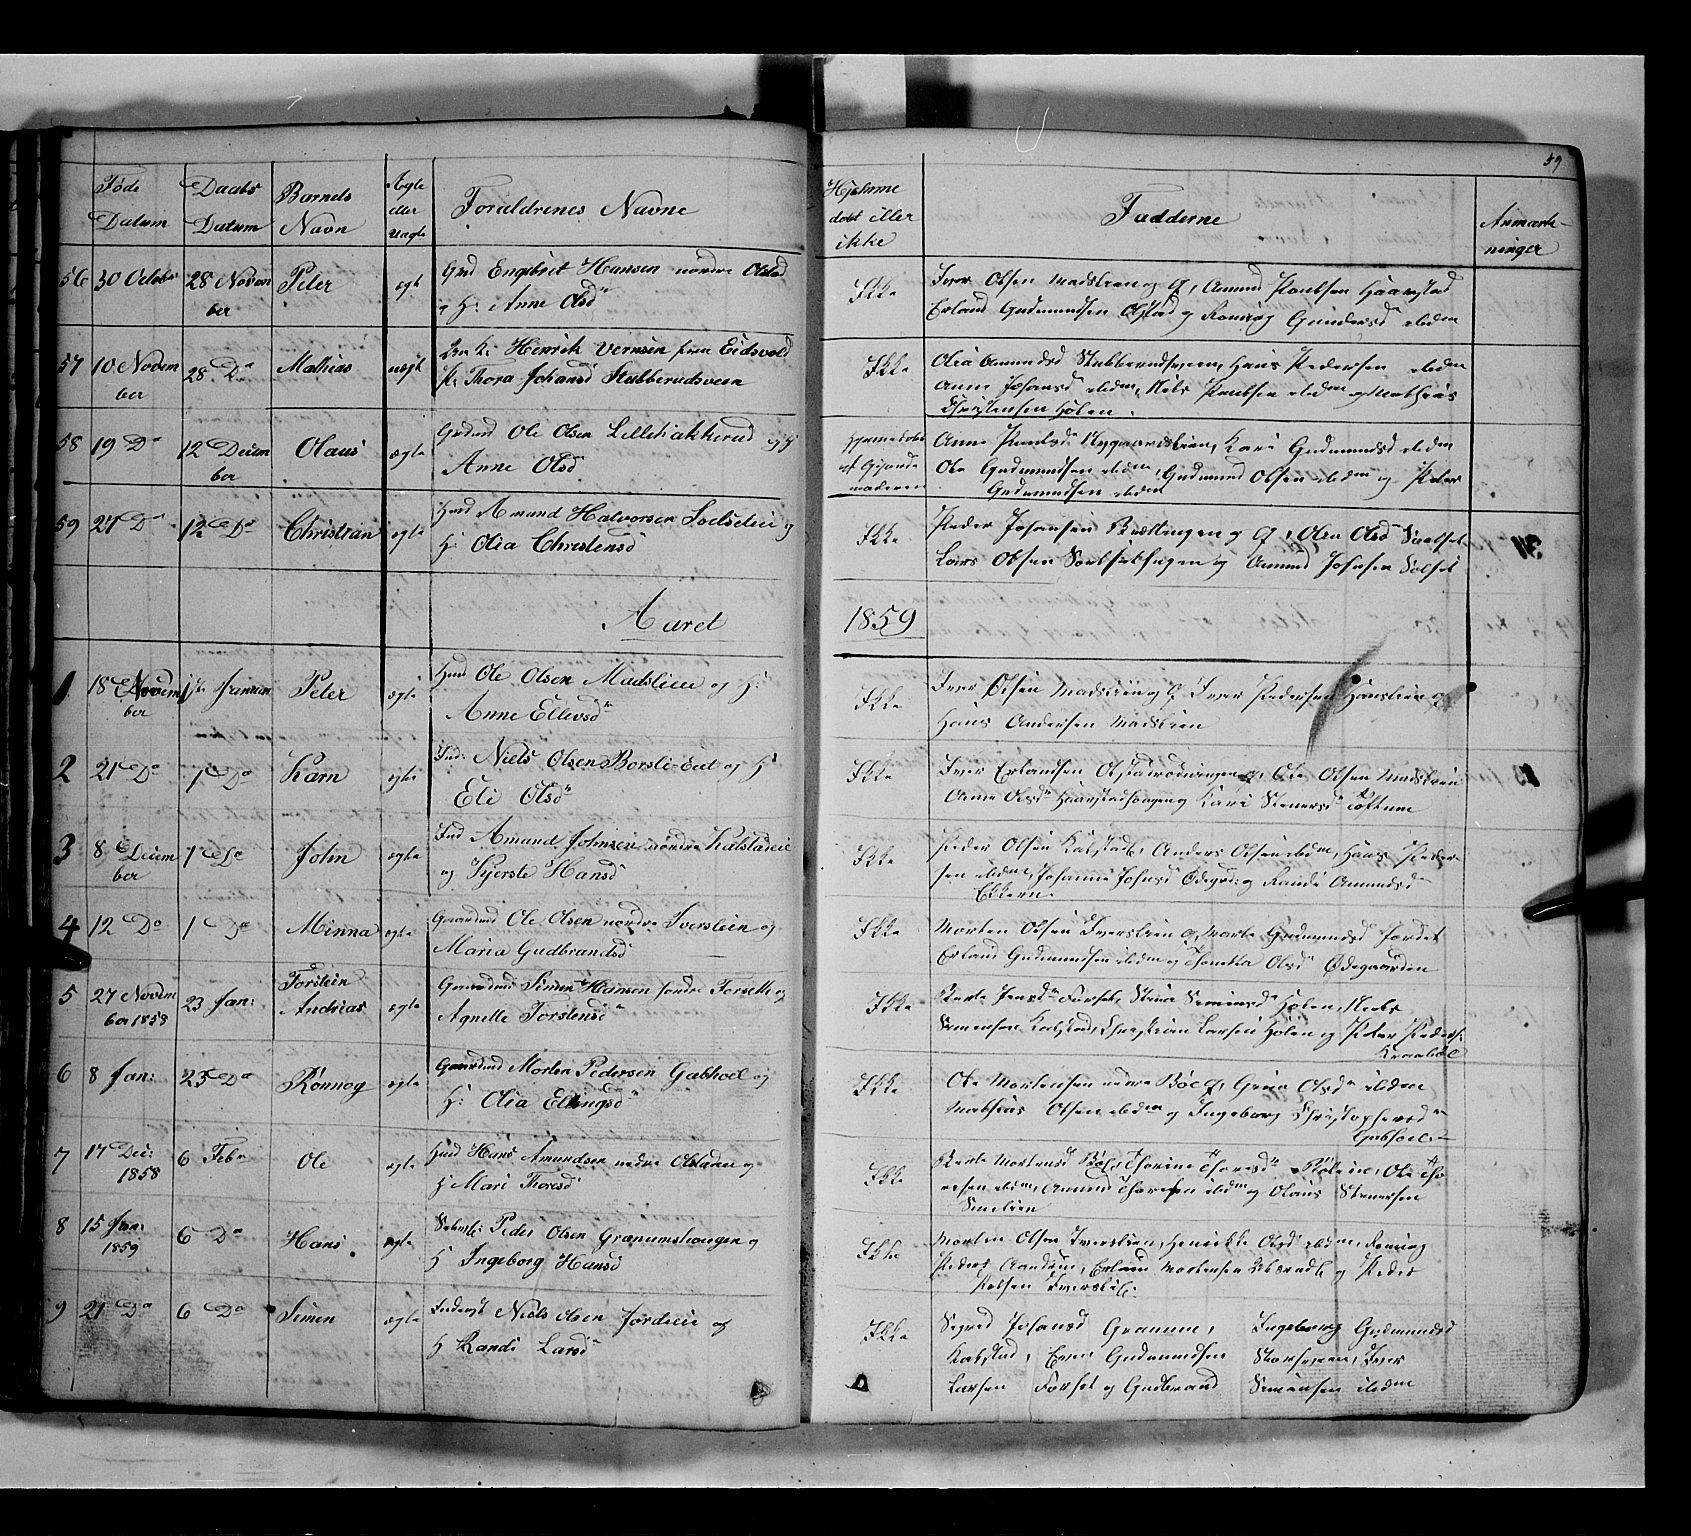 SAH, Gausdal prestekontor, Klokkerbok nr. 5, 1846-1867, s. 59